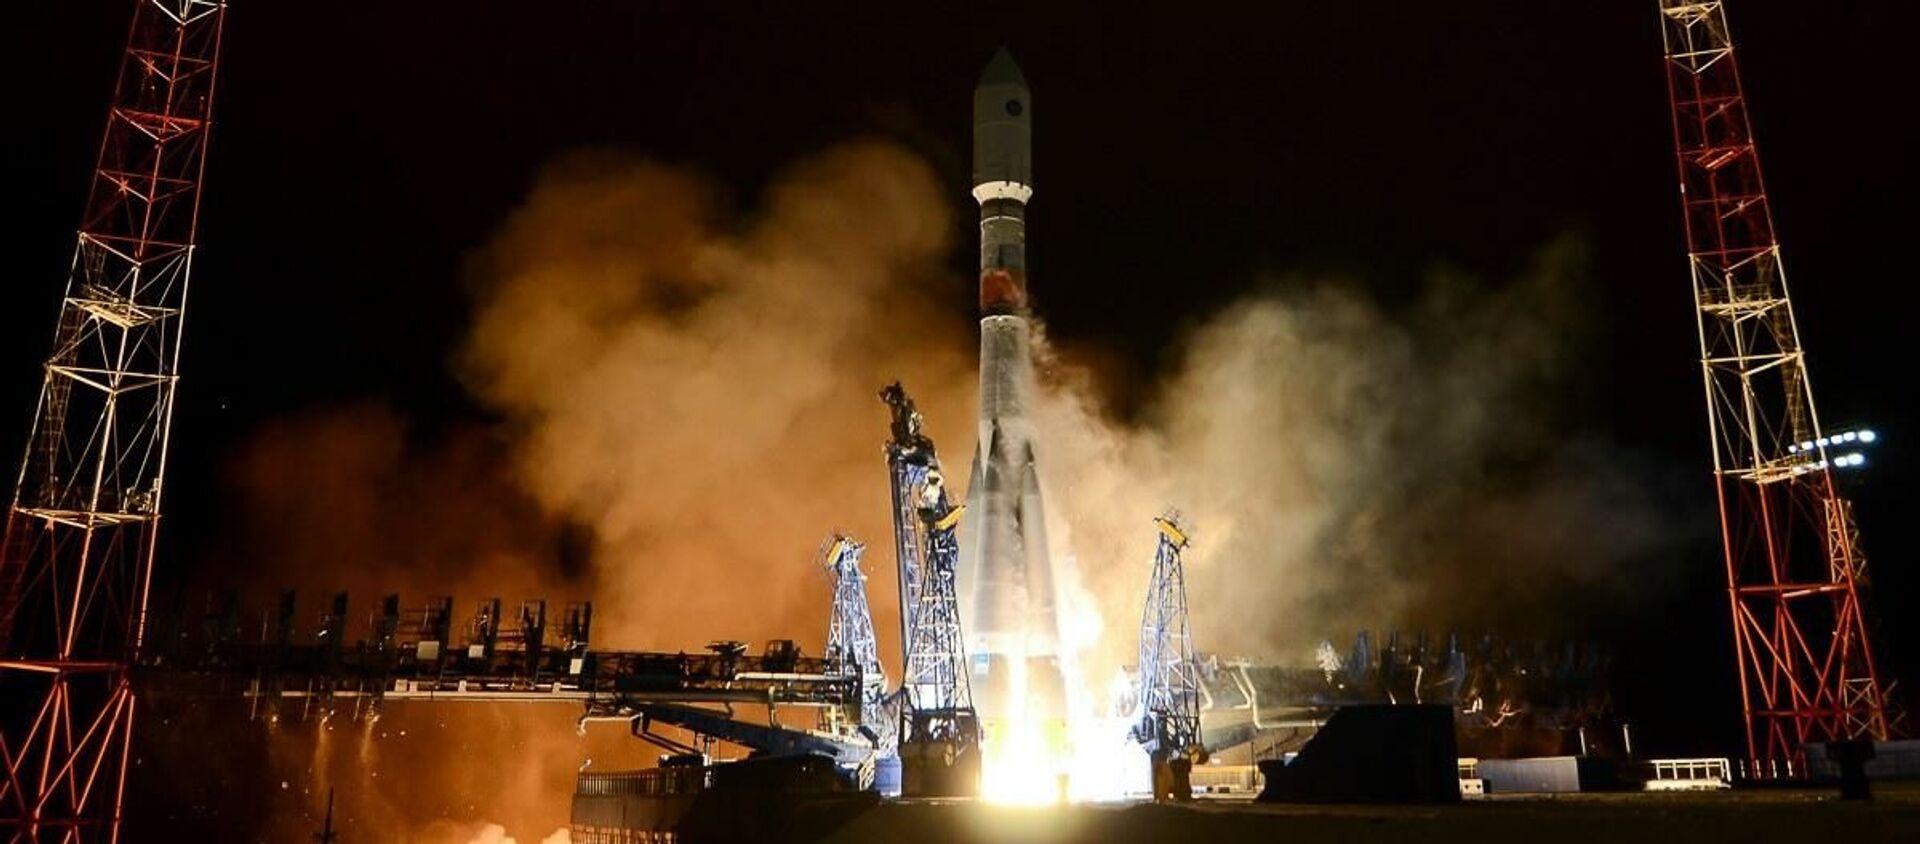 Wystrzelenie rakiety nośnej Sojuz-2 z sondą kosmiczną nowej generacji systemu Glonass-K - Sputnik Polska, 1920, 15.02.2021